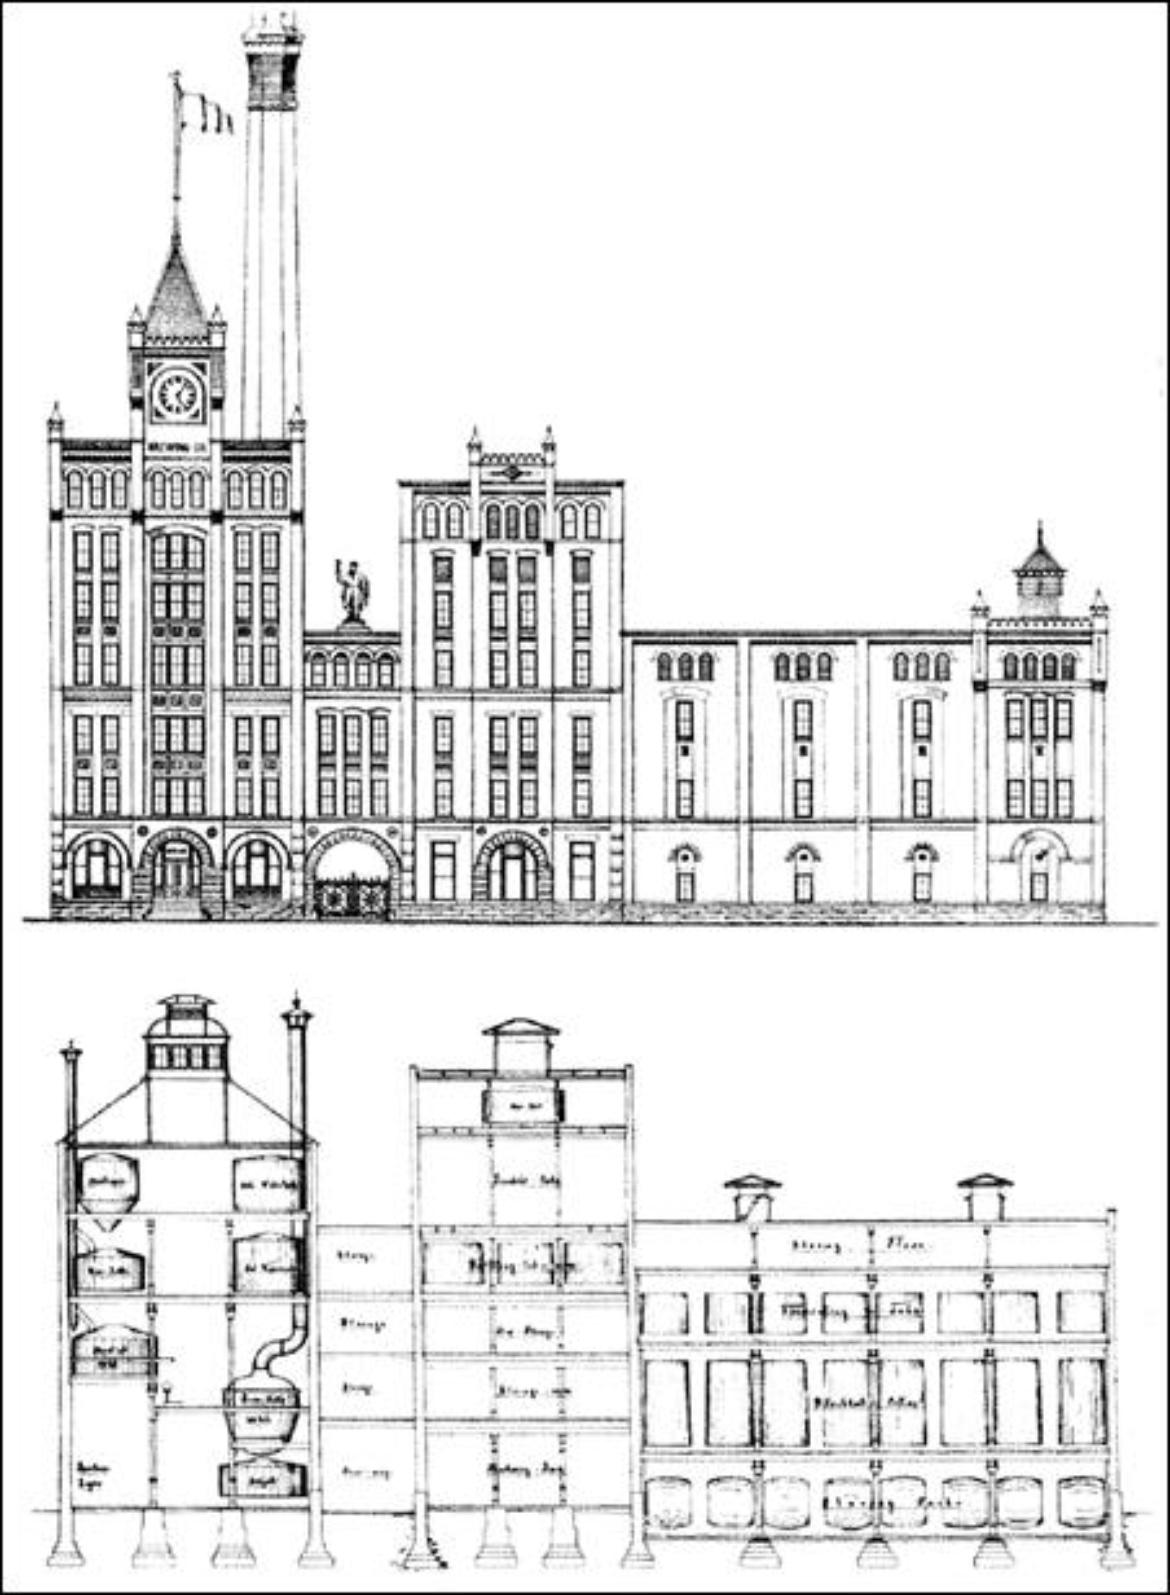 zwei Pläne einer modernen Brauerei nach Louis Lehle um 1900